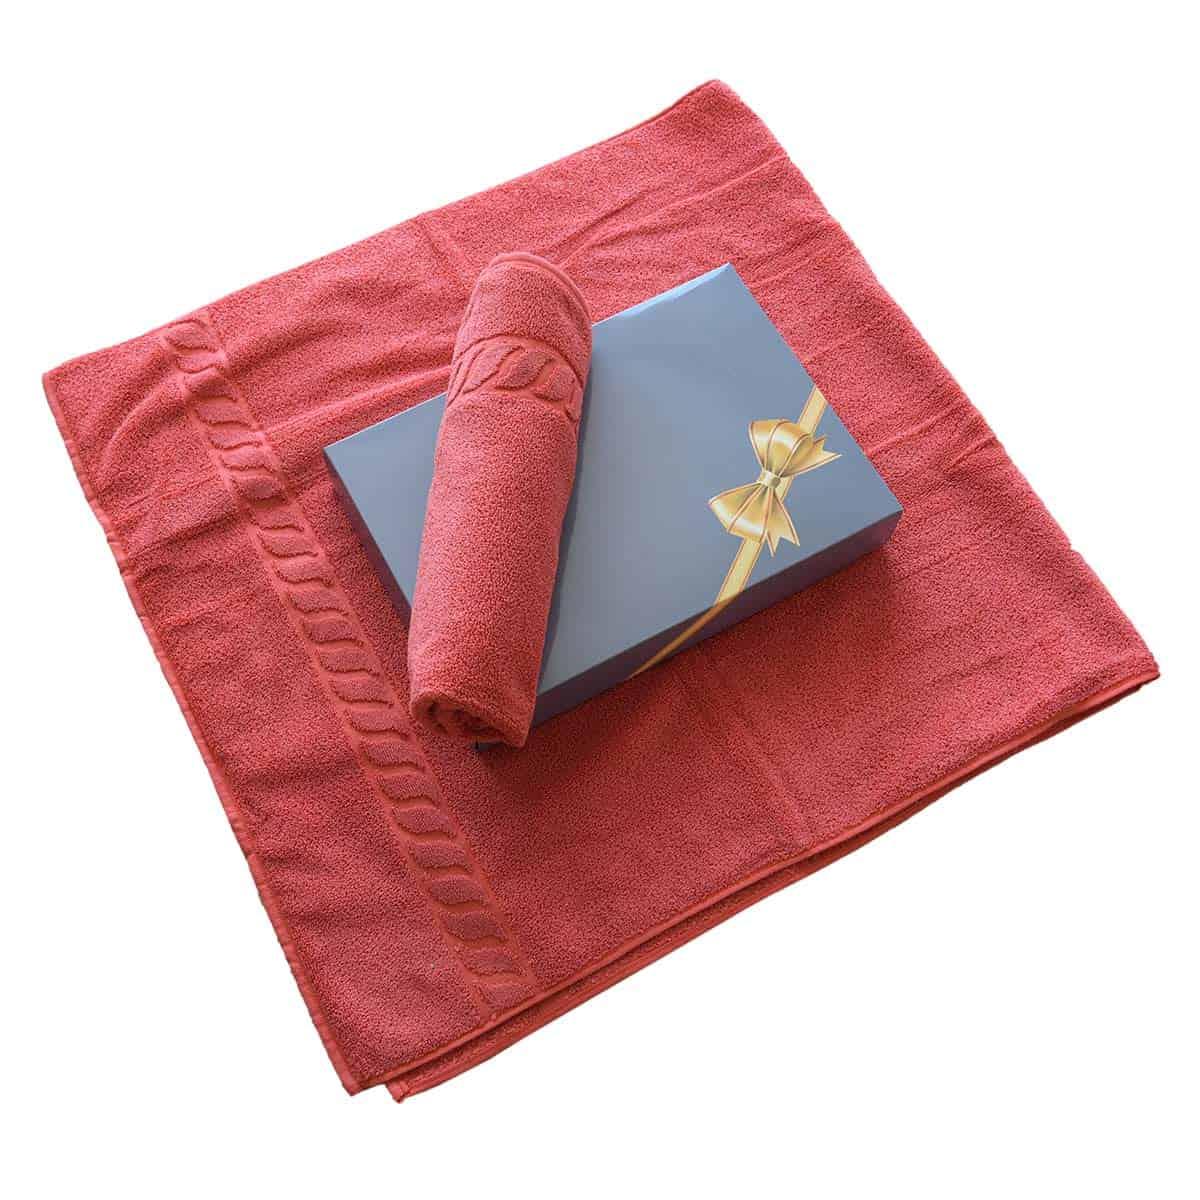 Handtuchset in schöner Geschenkverpackung